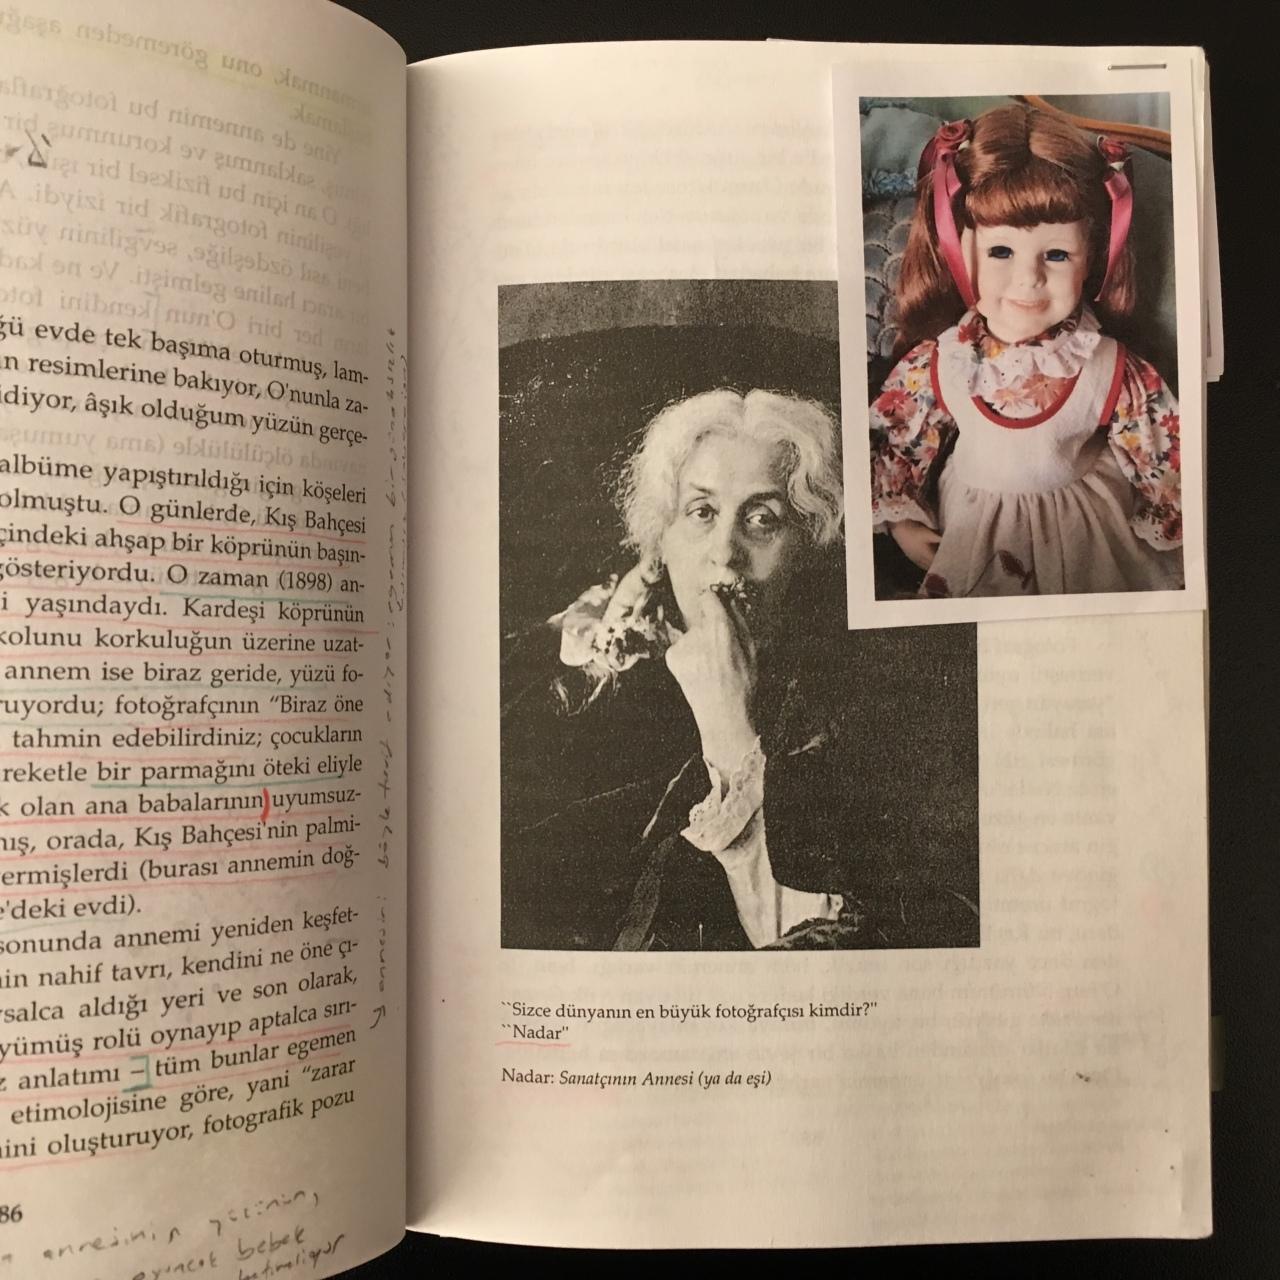 Camera Lucida, Fotoğraf Üzerine Düşünceler, Roland Barthes, Türkçesi Reha Akçakaya, 6.45 Yayın, 2008